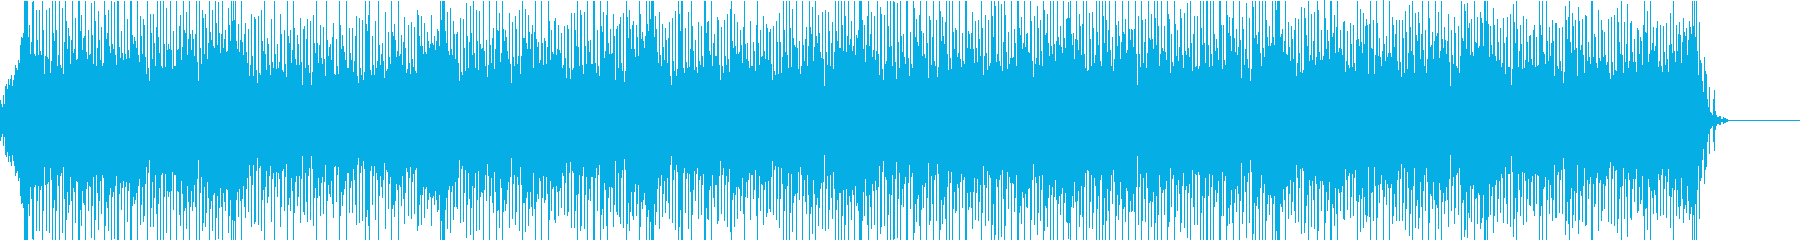 企業向け12!ピアノ、エレキ、ポジティブの再生済みの波形